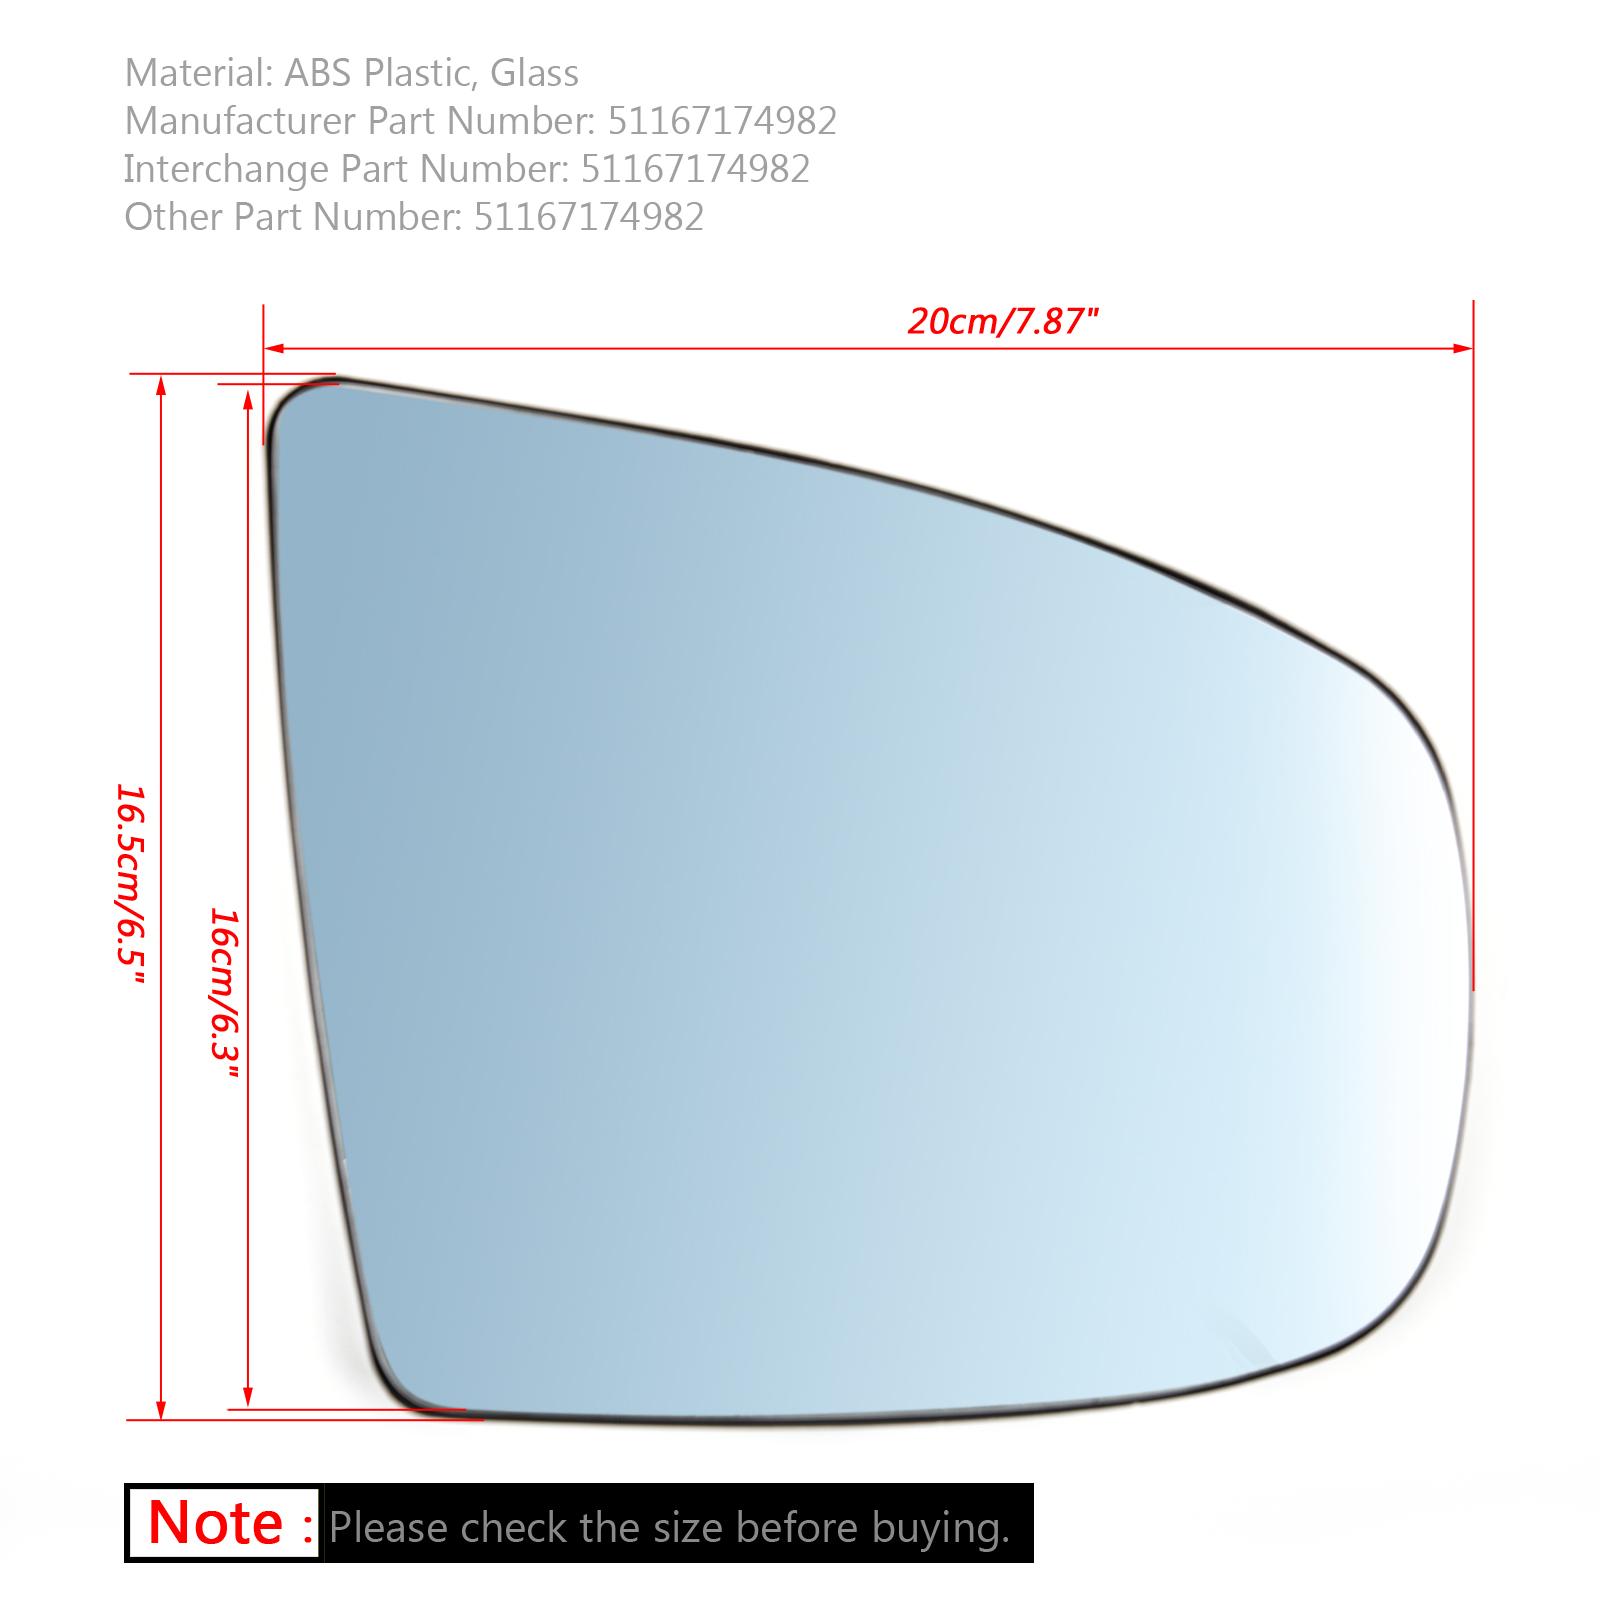 BMW X5 X6 E70 E71 E72 2008-2014專用照後鏡鏡片有加熱藍片右側-極限超快感